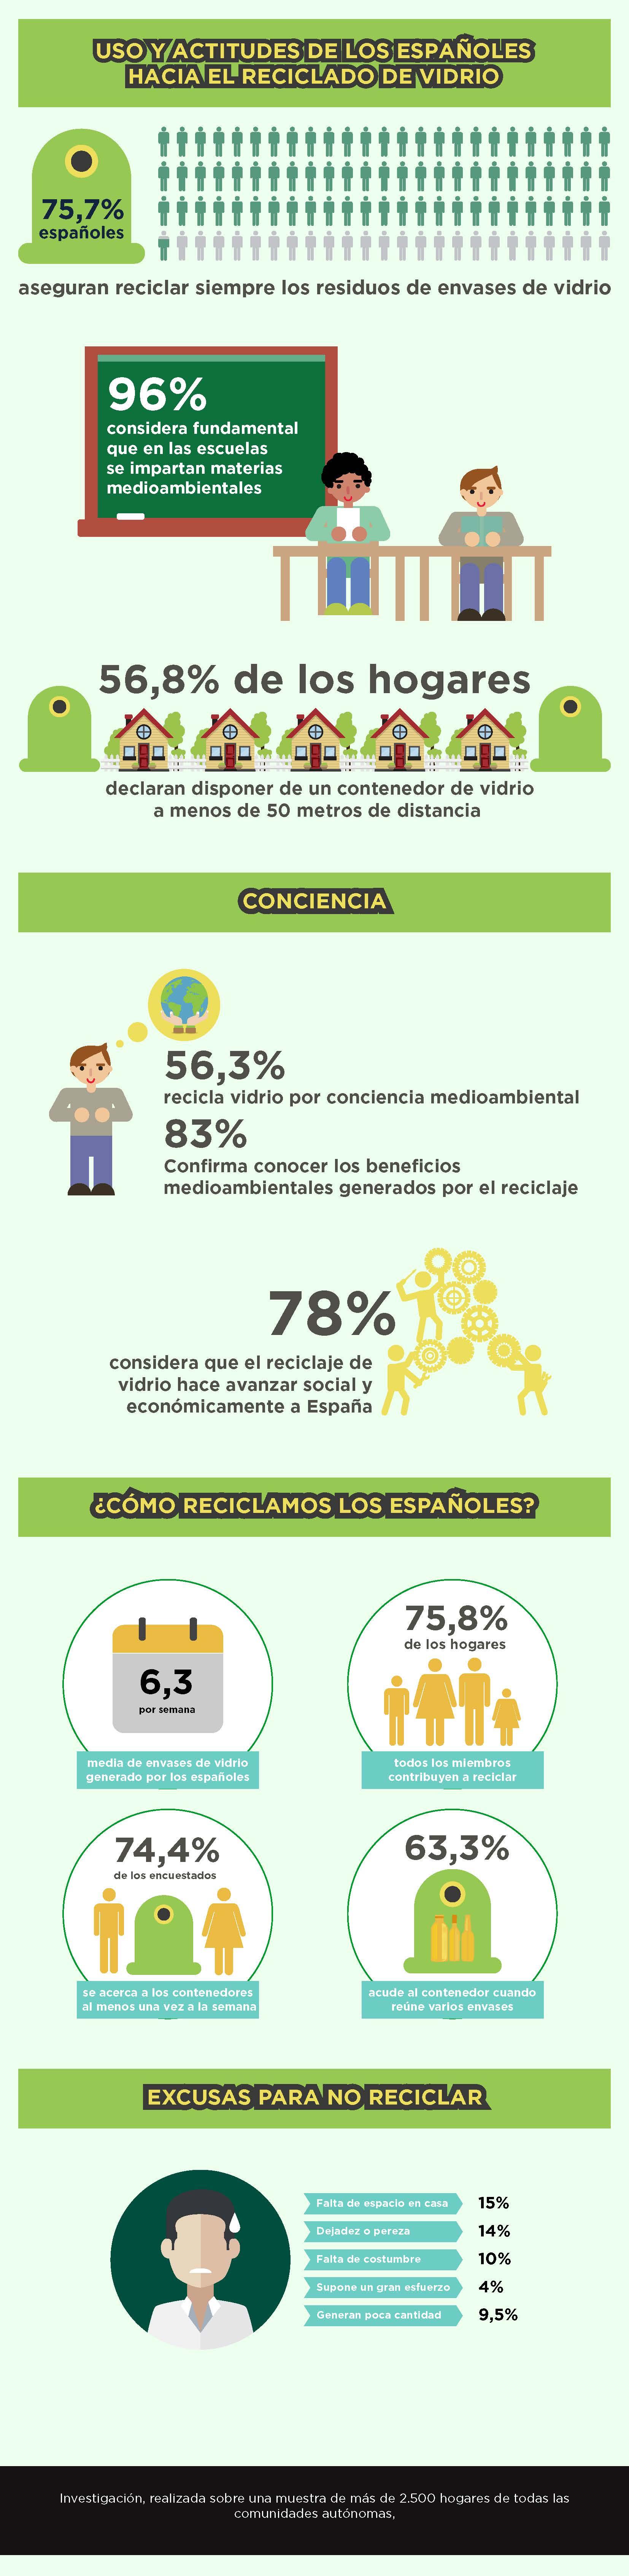 sostenibilidad, reciclado, envases